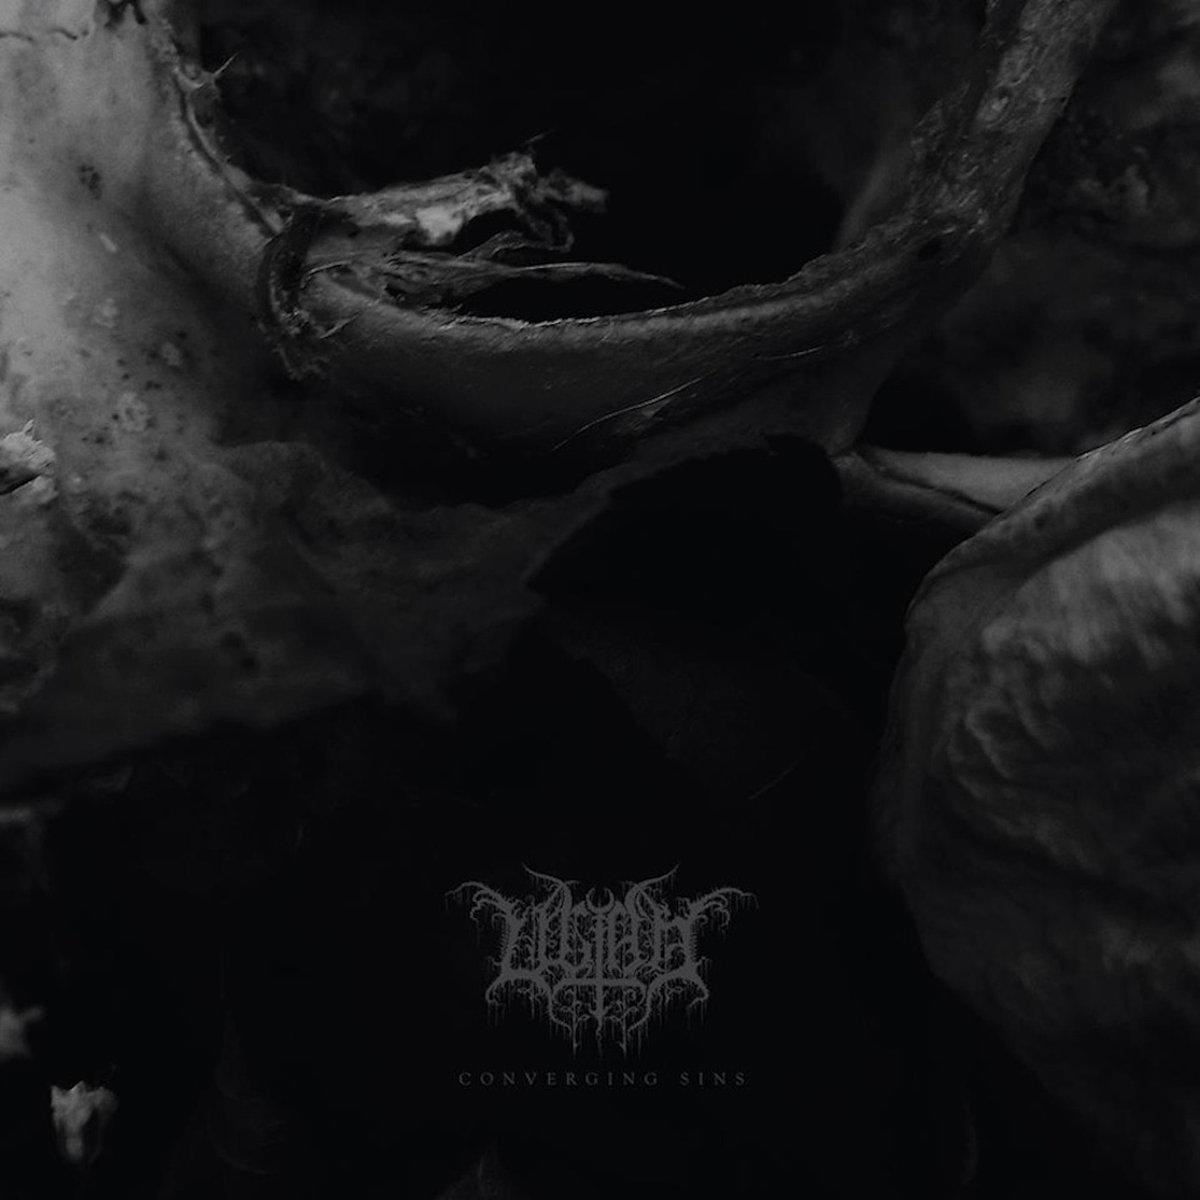 ULTHA Converging Sins – Vinyl 2xLP (white)